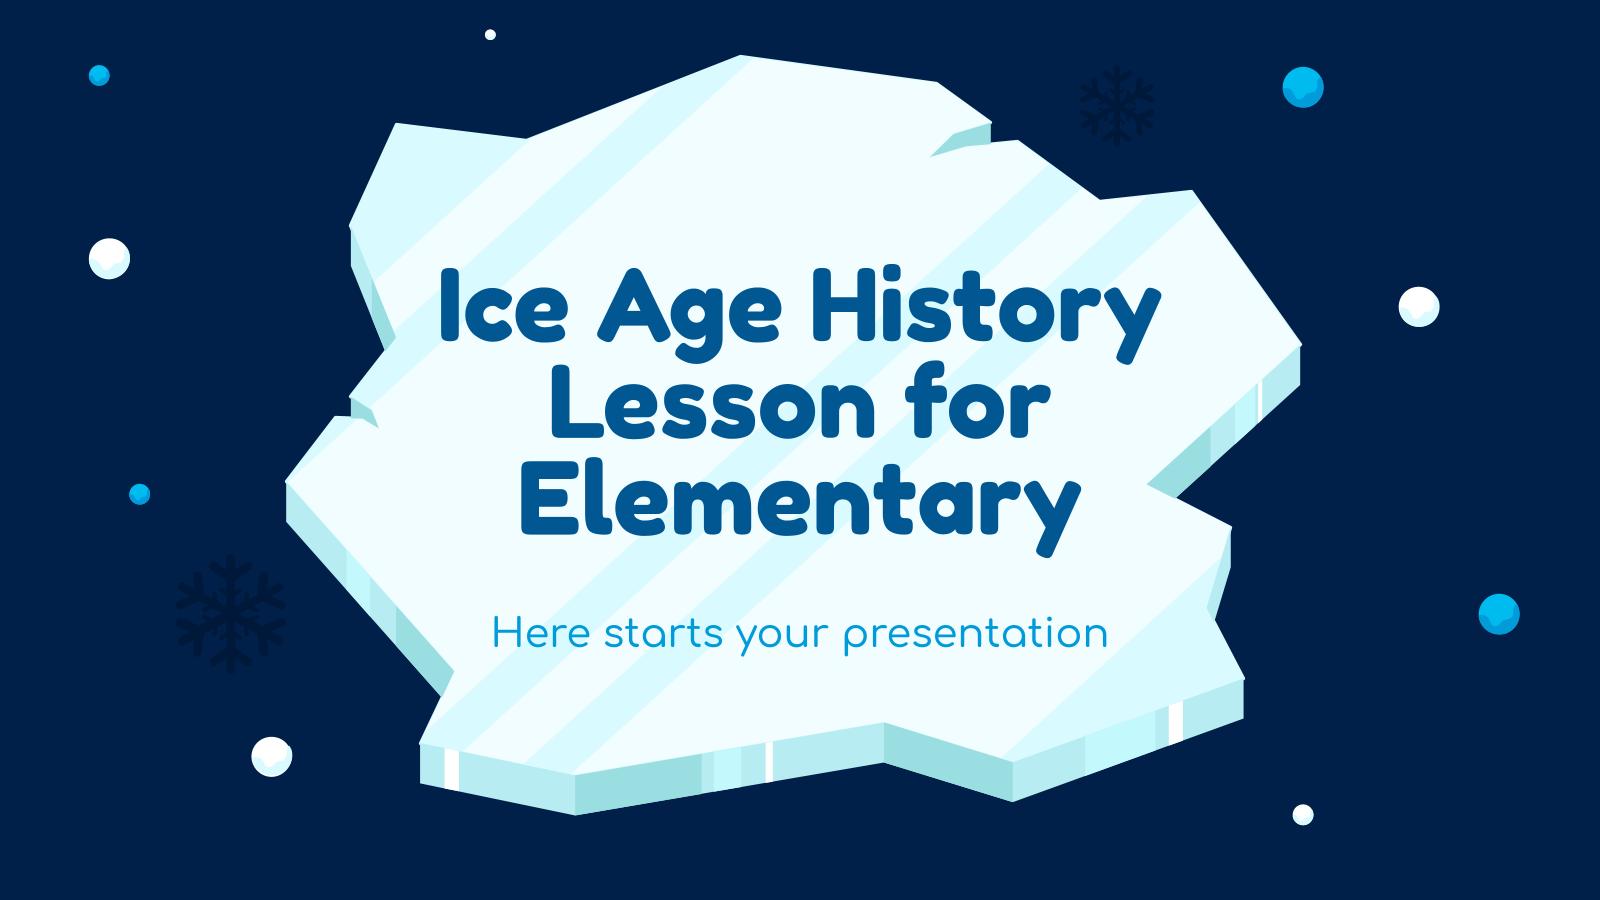 Cours d'histoire de l'âge de glace pour la primaire : Modèles de présentation